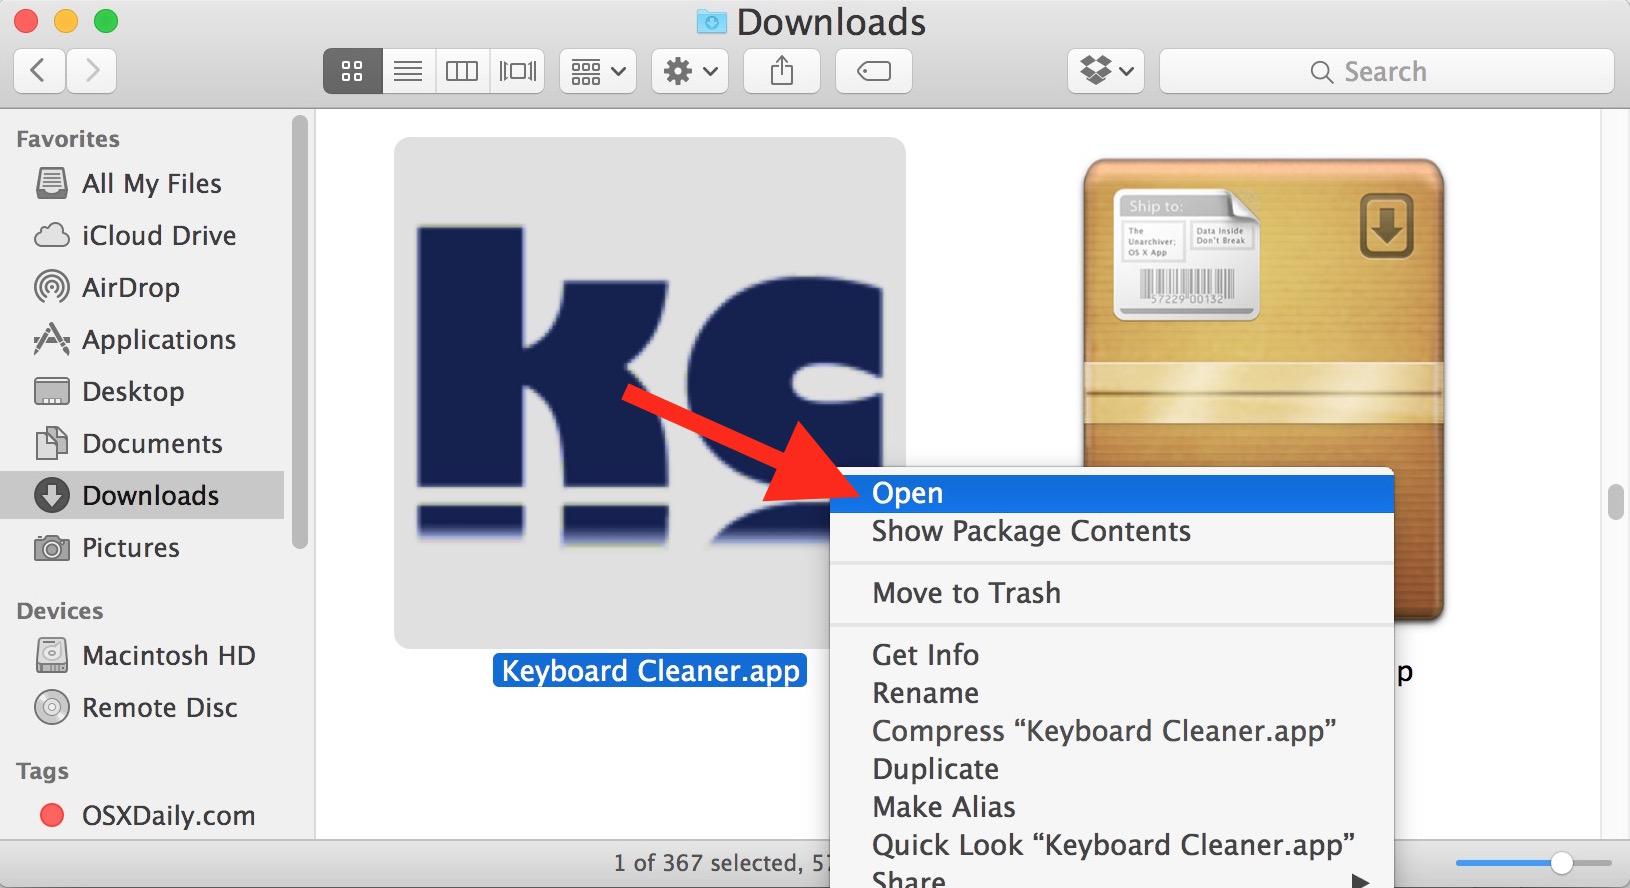 Open Keyboard Cleaner